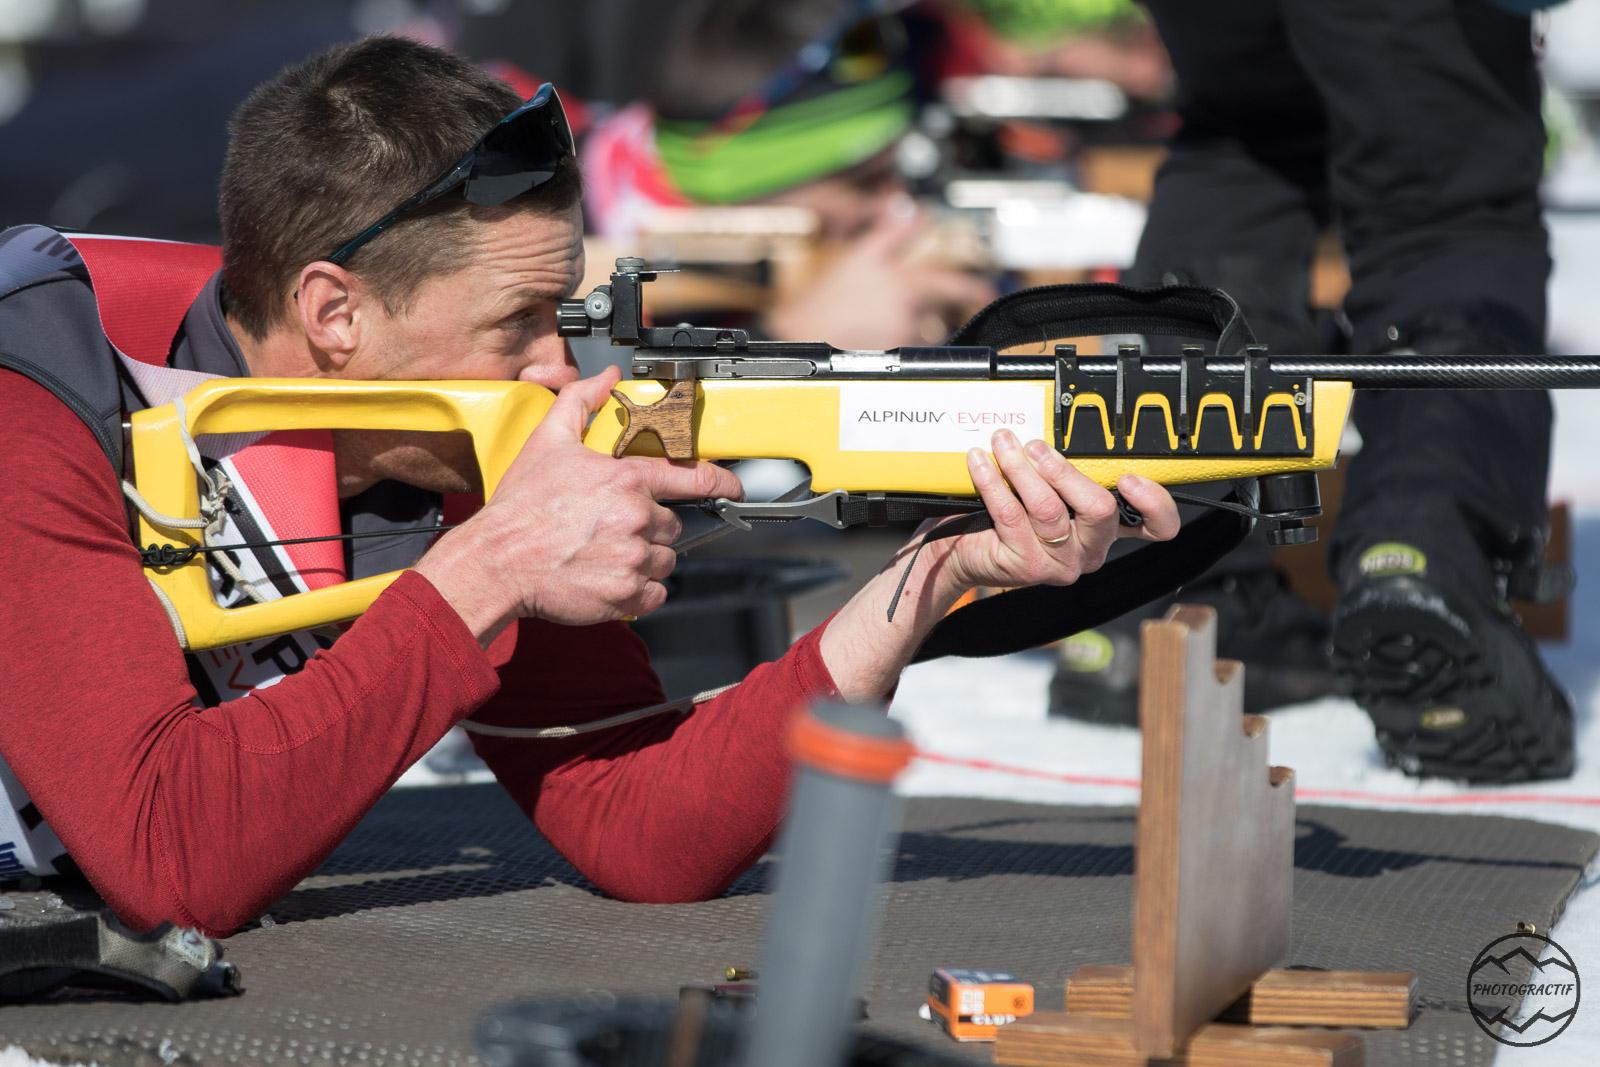 Biathlon Alpinum Les Contamines 2019 (38)